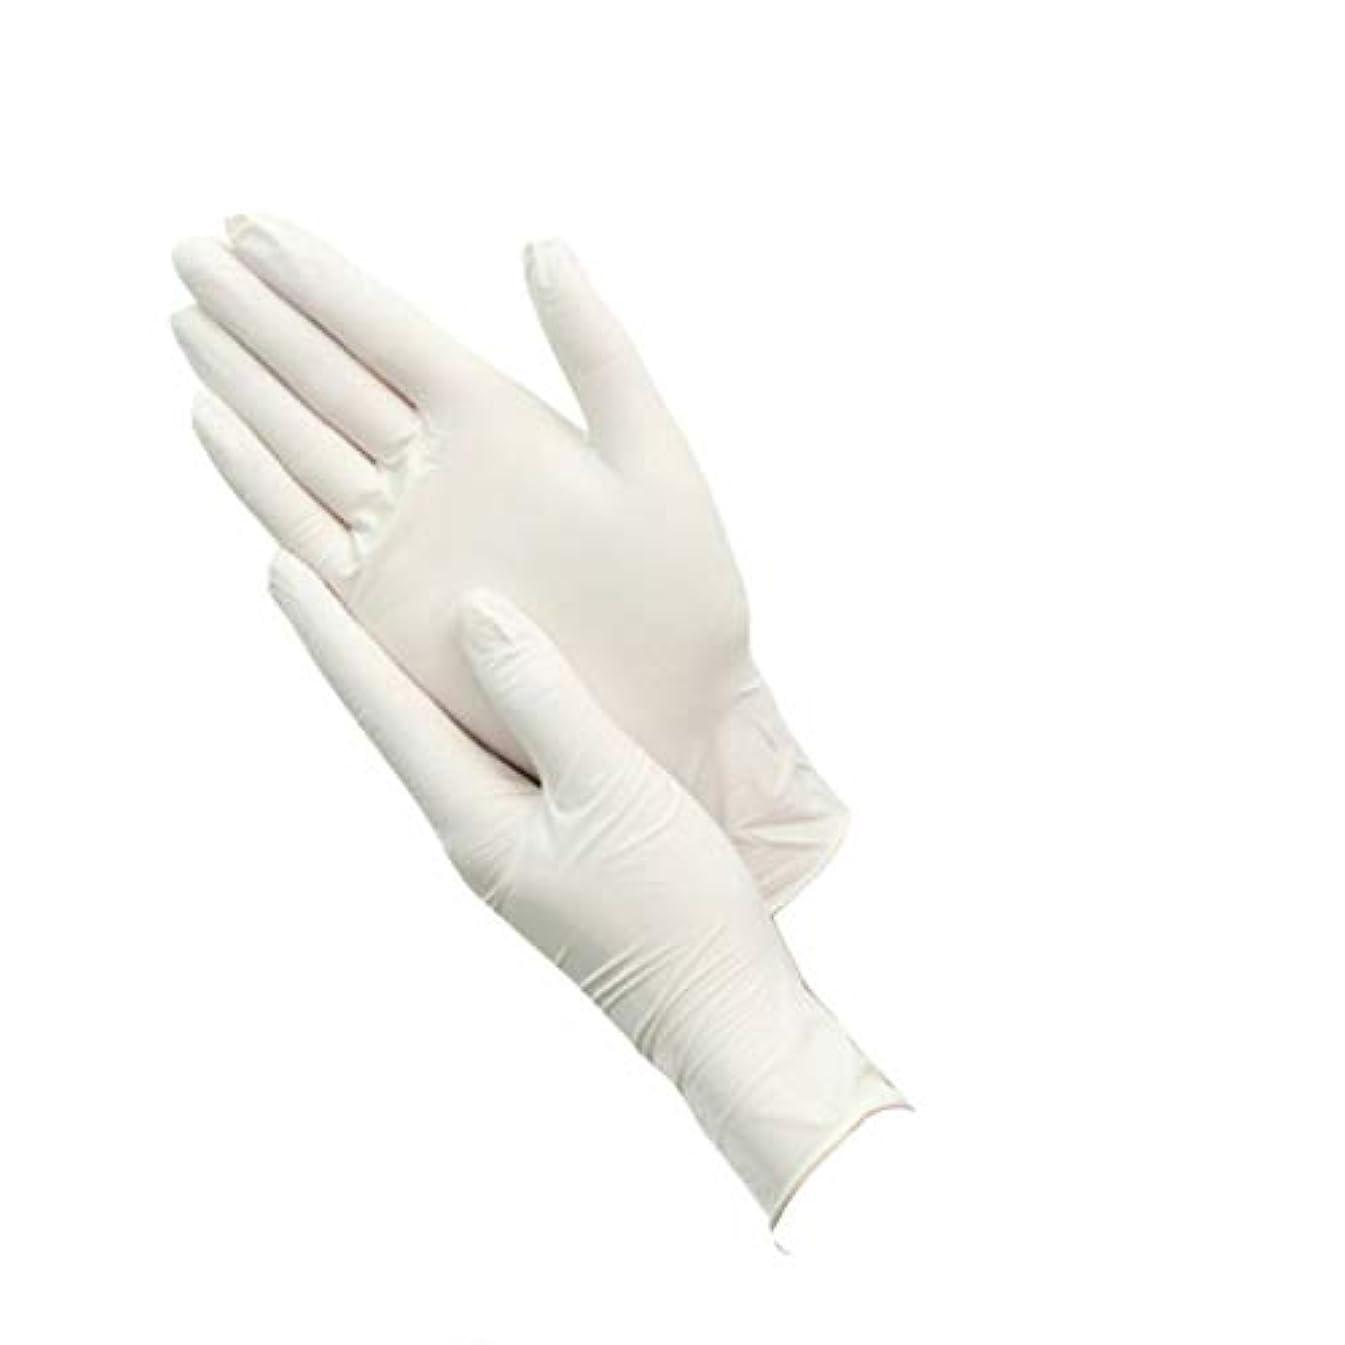 心配捨てる腹痛使い捨て手袋グッド100グラム増量ニトリルブタジエンゴム (サイズ さいず : XL)